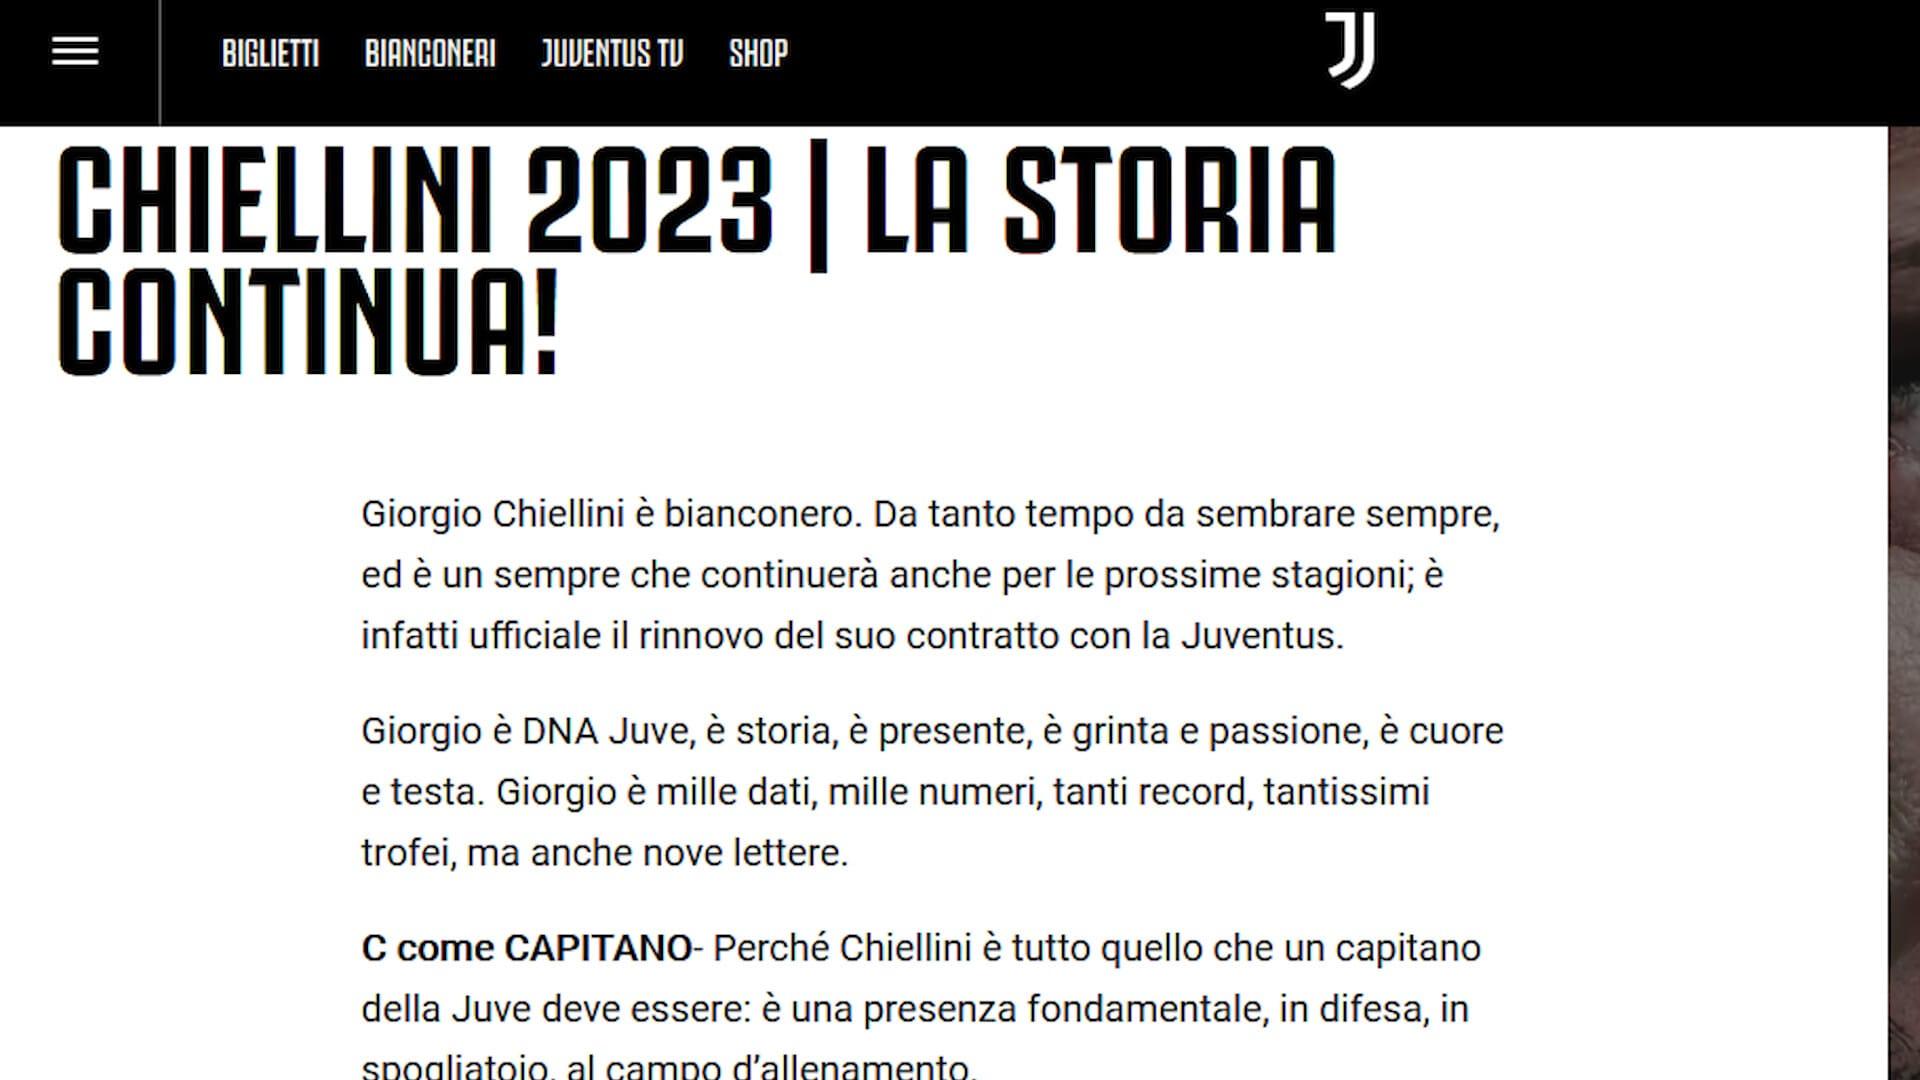 Juve, ufficiale: Chiellini fino al 2023